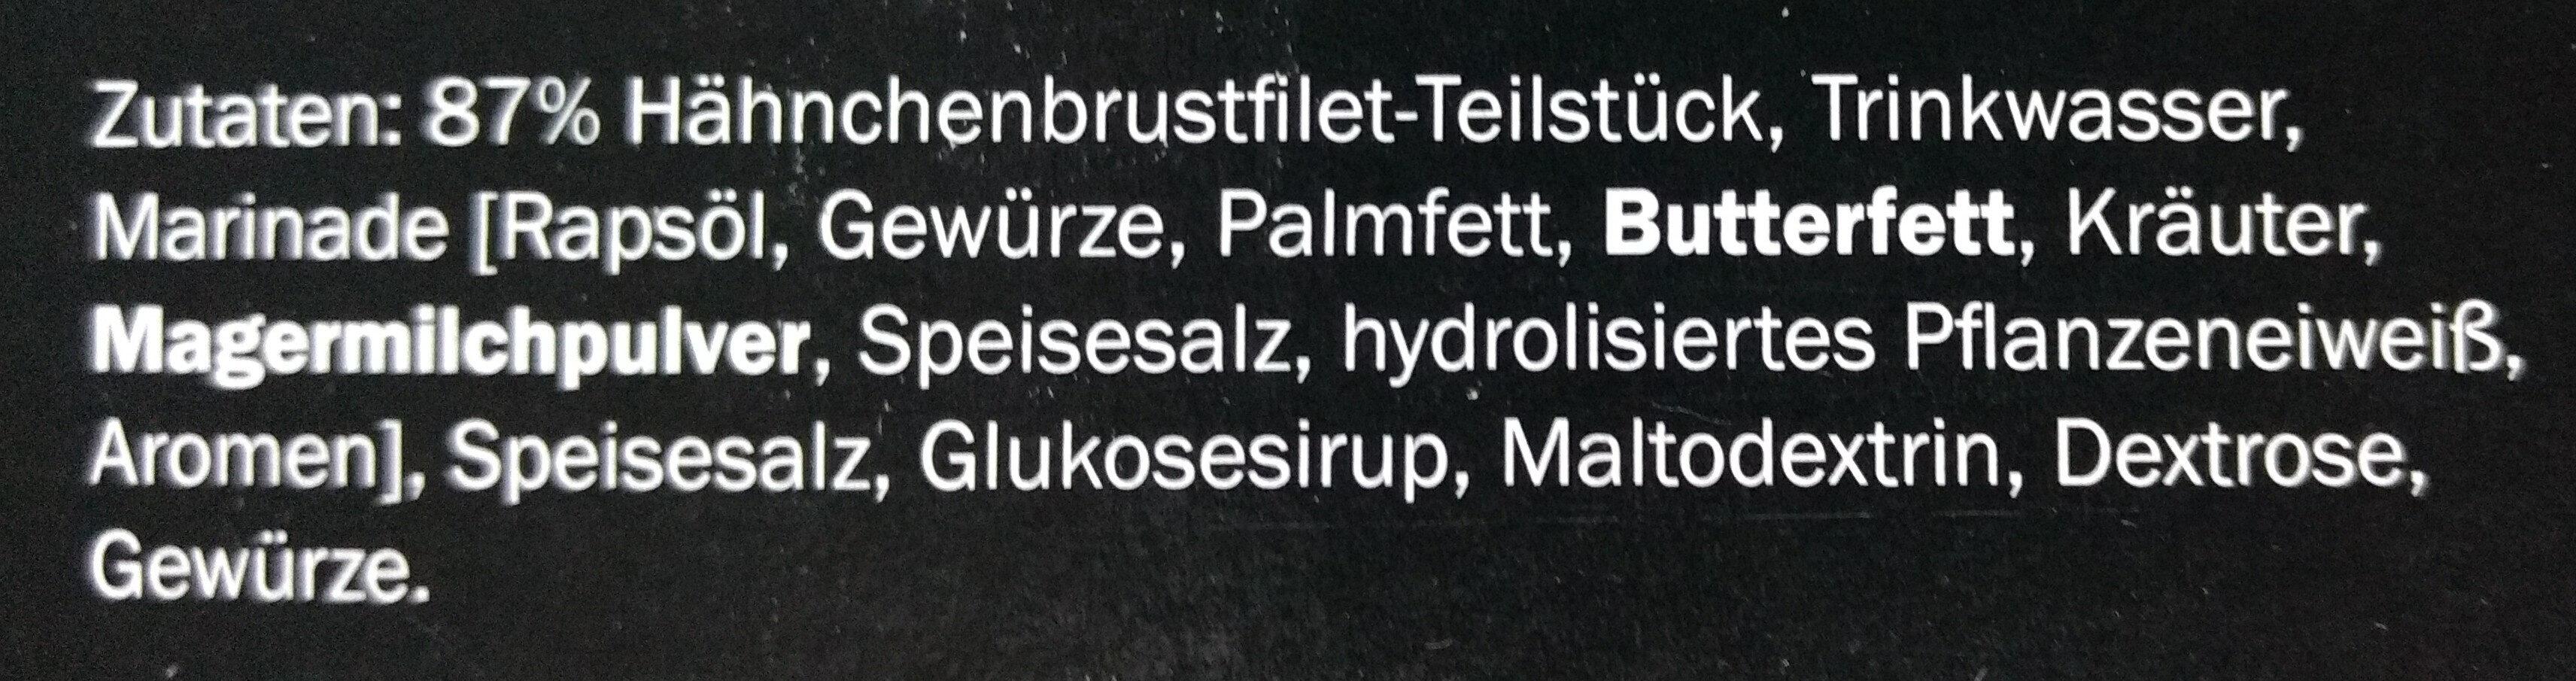 Hähnchenbrustfilet Teilstücke Kräuter - Ingredients